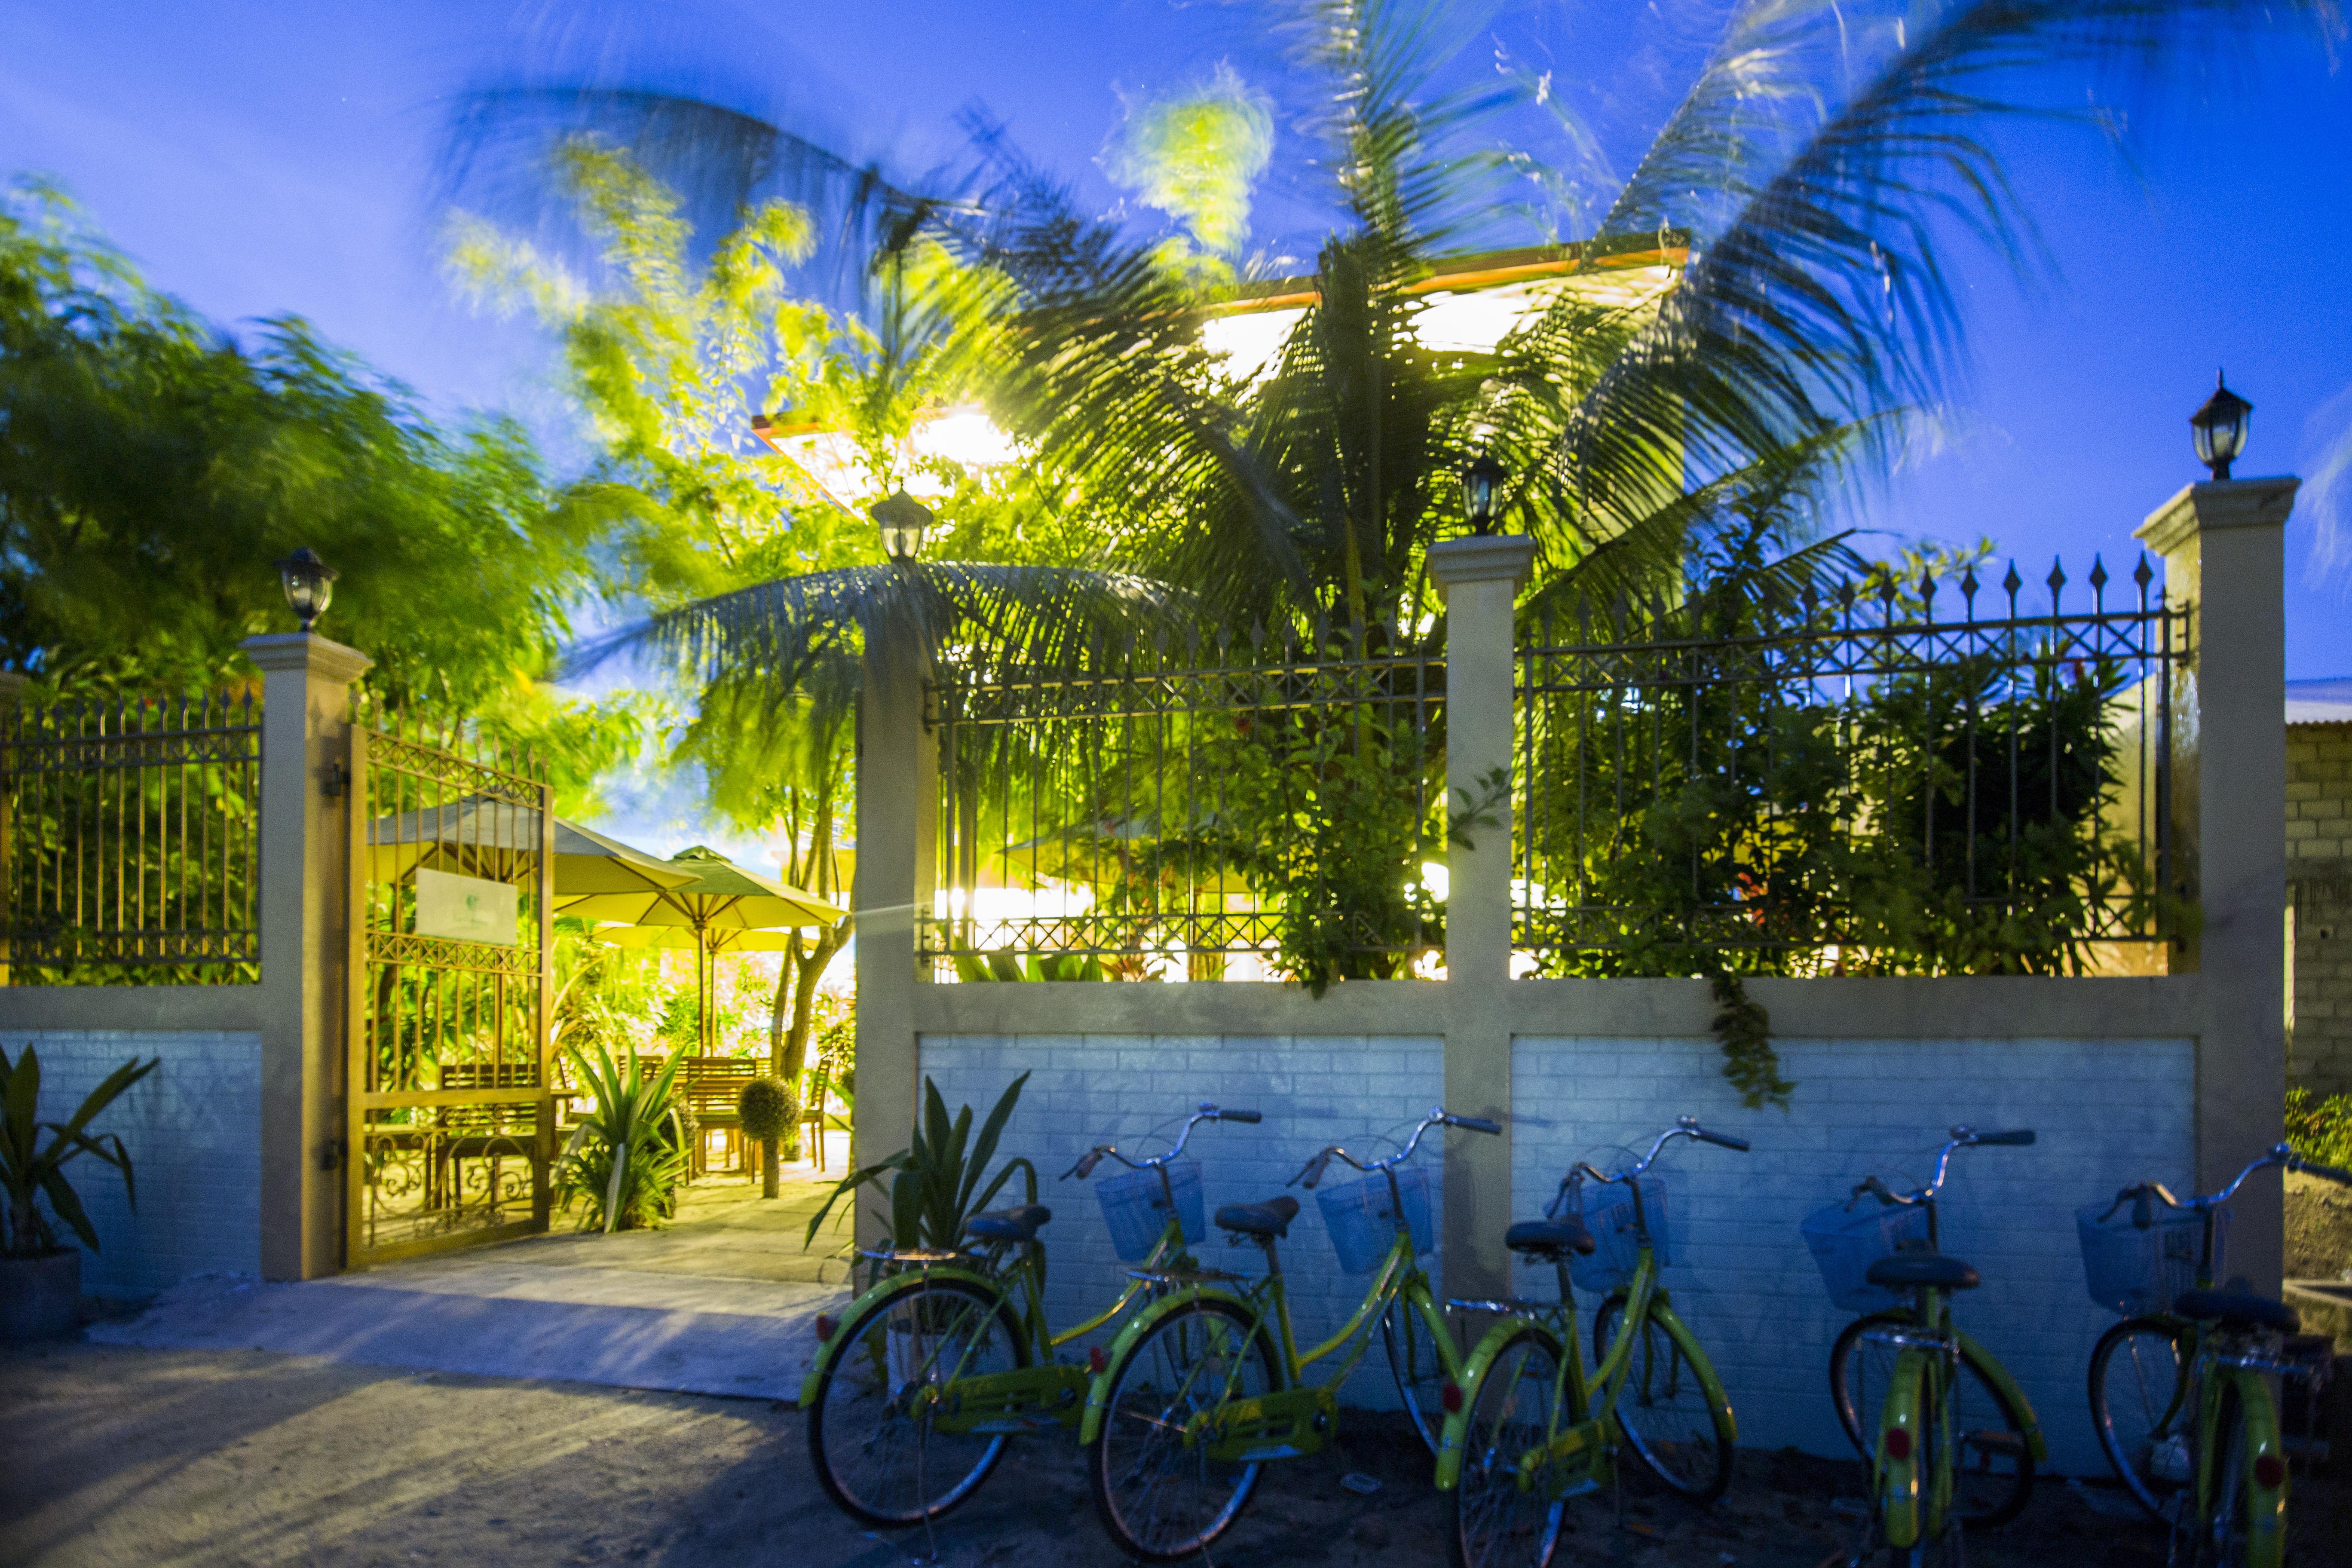 La Cabana Maldives